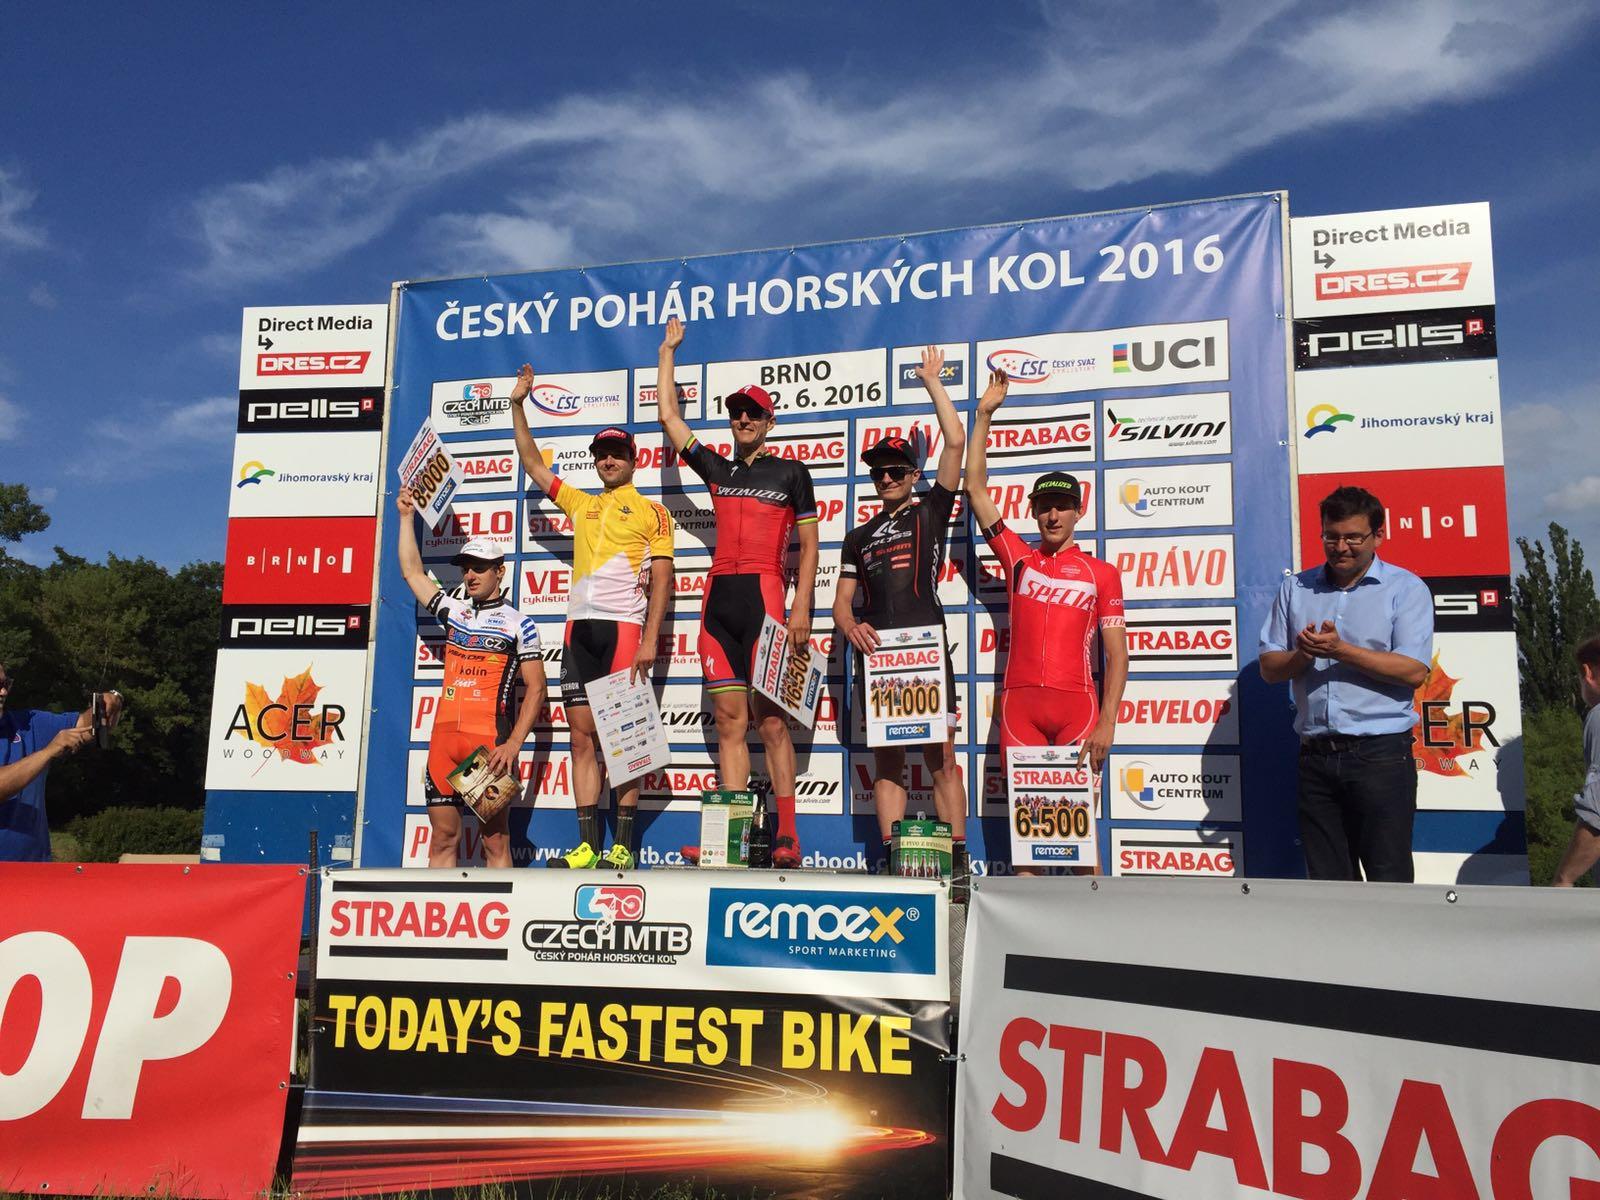 Bartek Wawak na podium Fot Tomasz Swierczynski.jpg